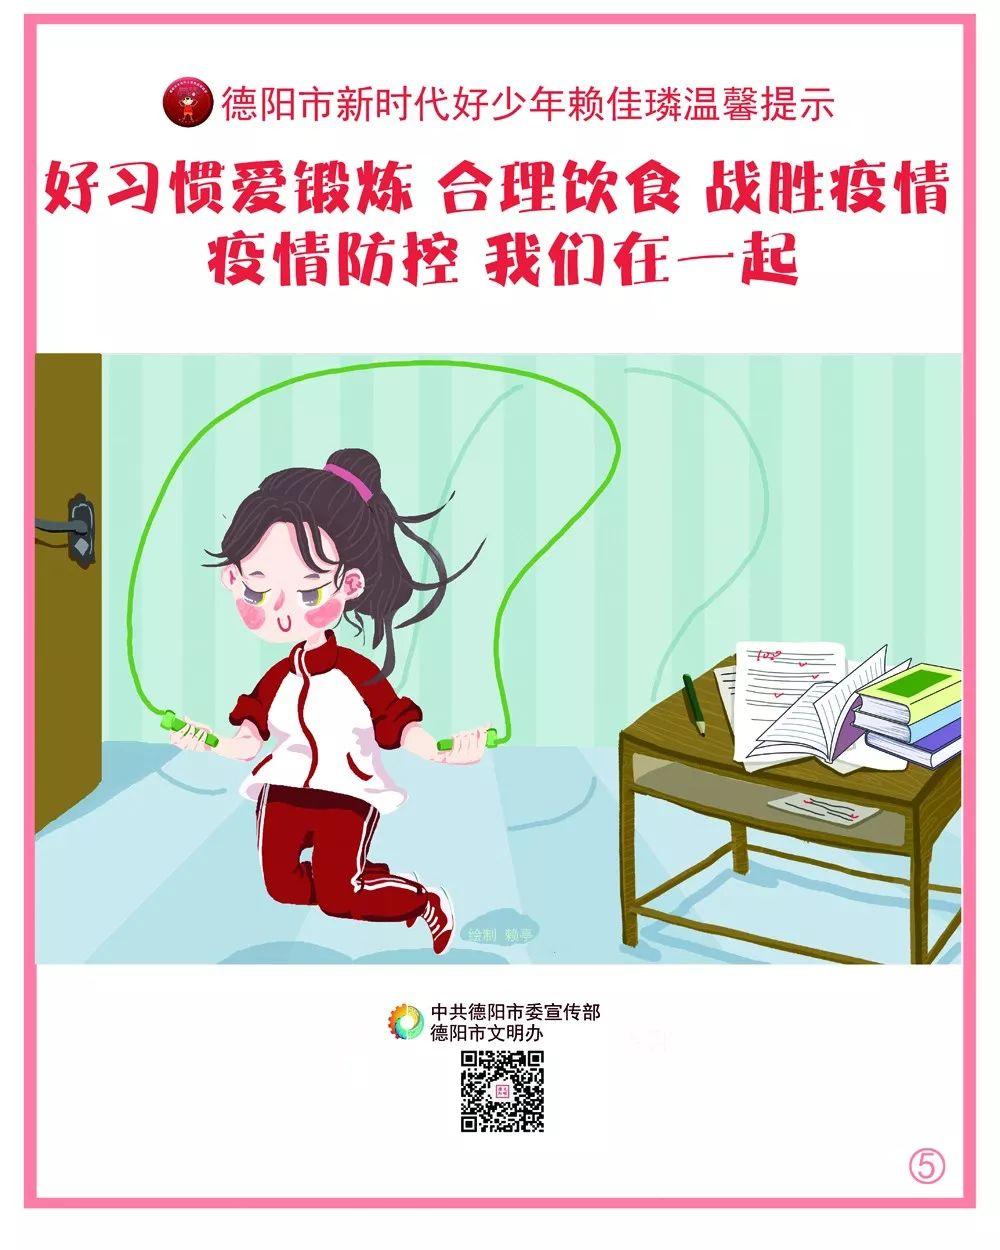 """""""德阳榜样 我们在一起""""抗疫情宣传画(好少年篇)"""